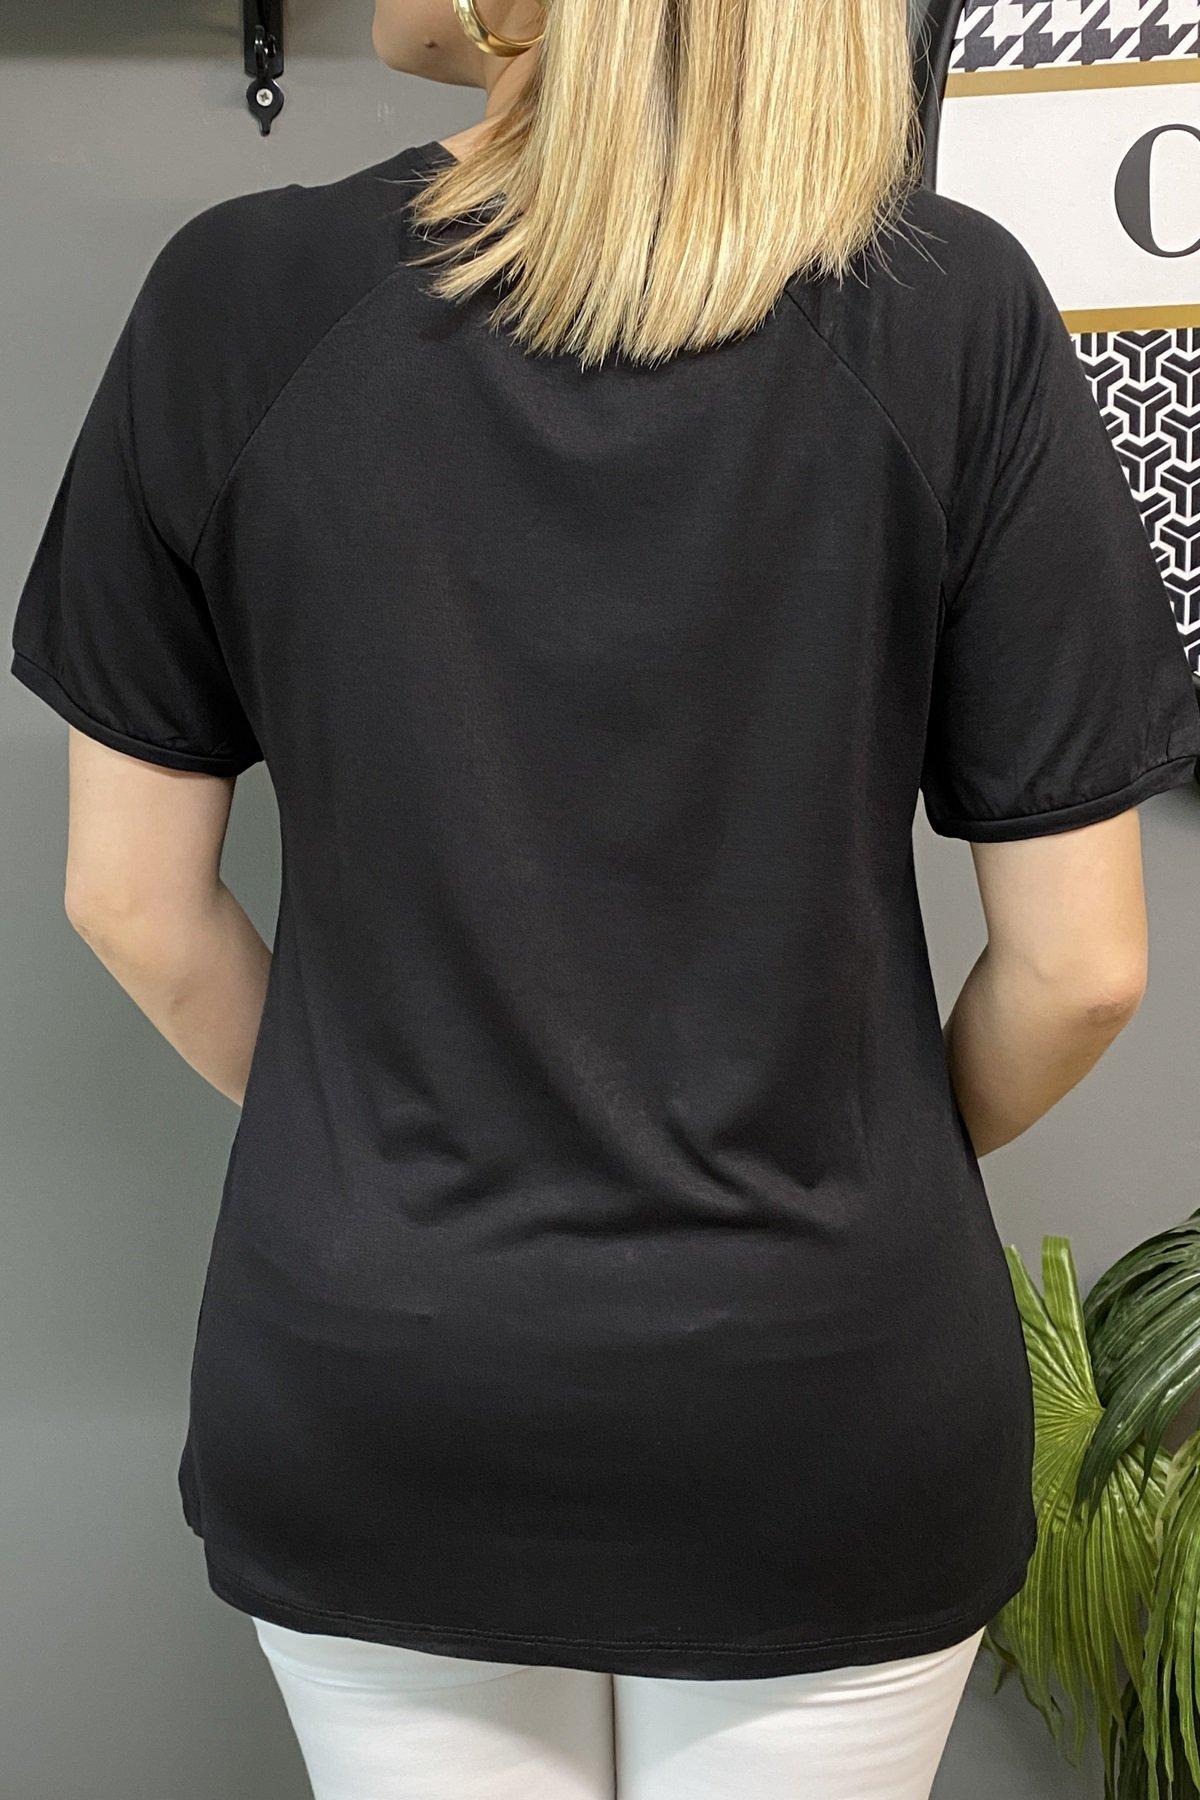 Sol Göğüs Üstü Taş Baskı Yazılı Ve Omuz Altı Taşlı Bluz